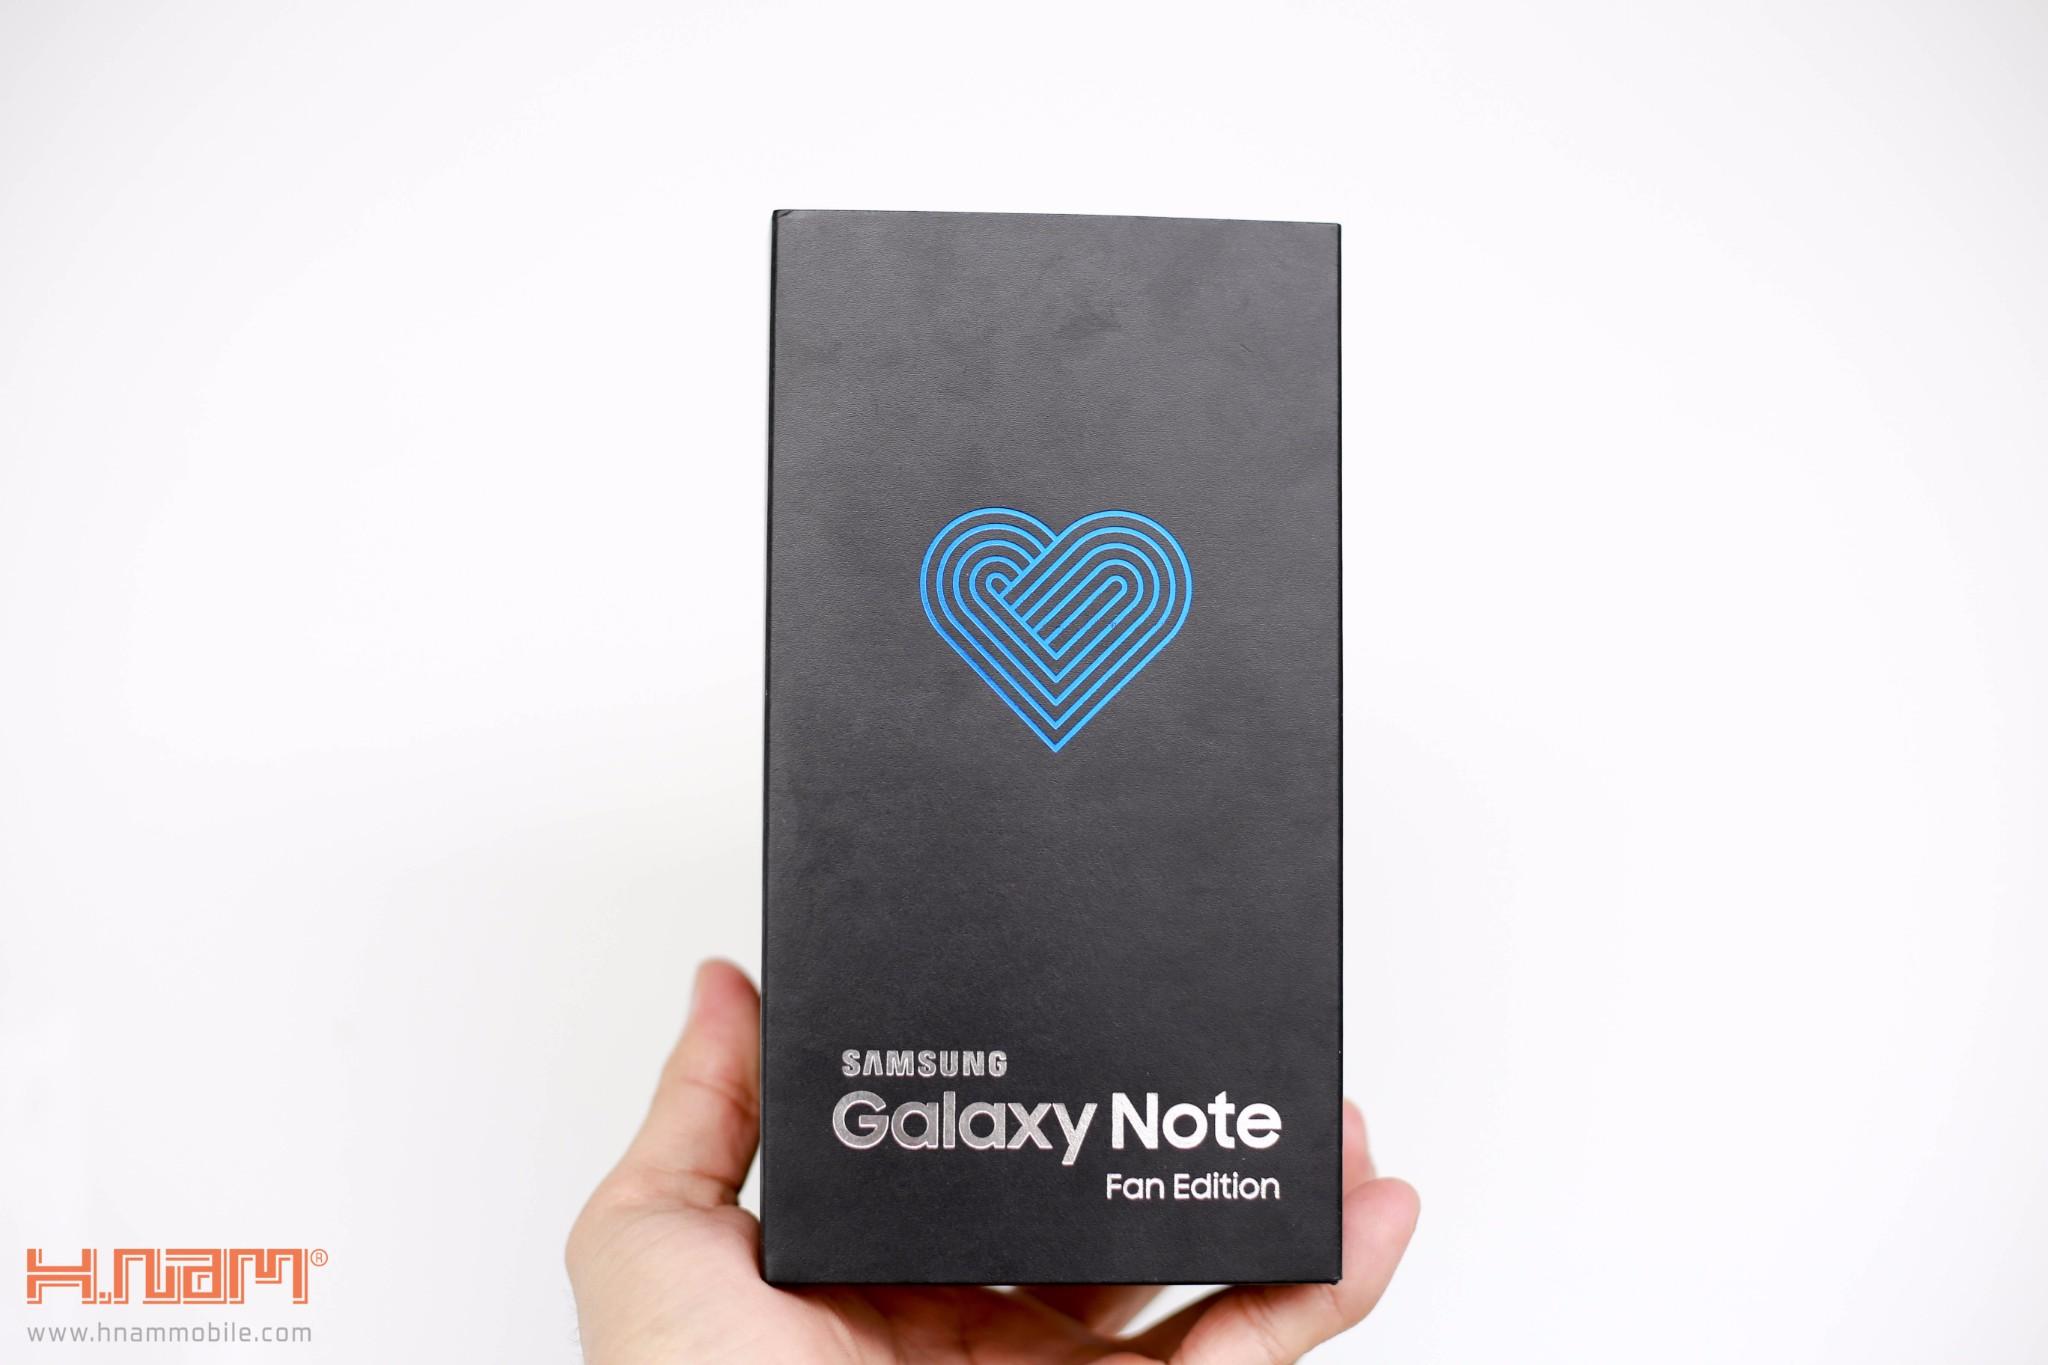 Đập hộp Galaxy Note FE Blue Coral: Phiên bản đặc biệt dành cho NoteFan hình 3